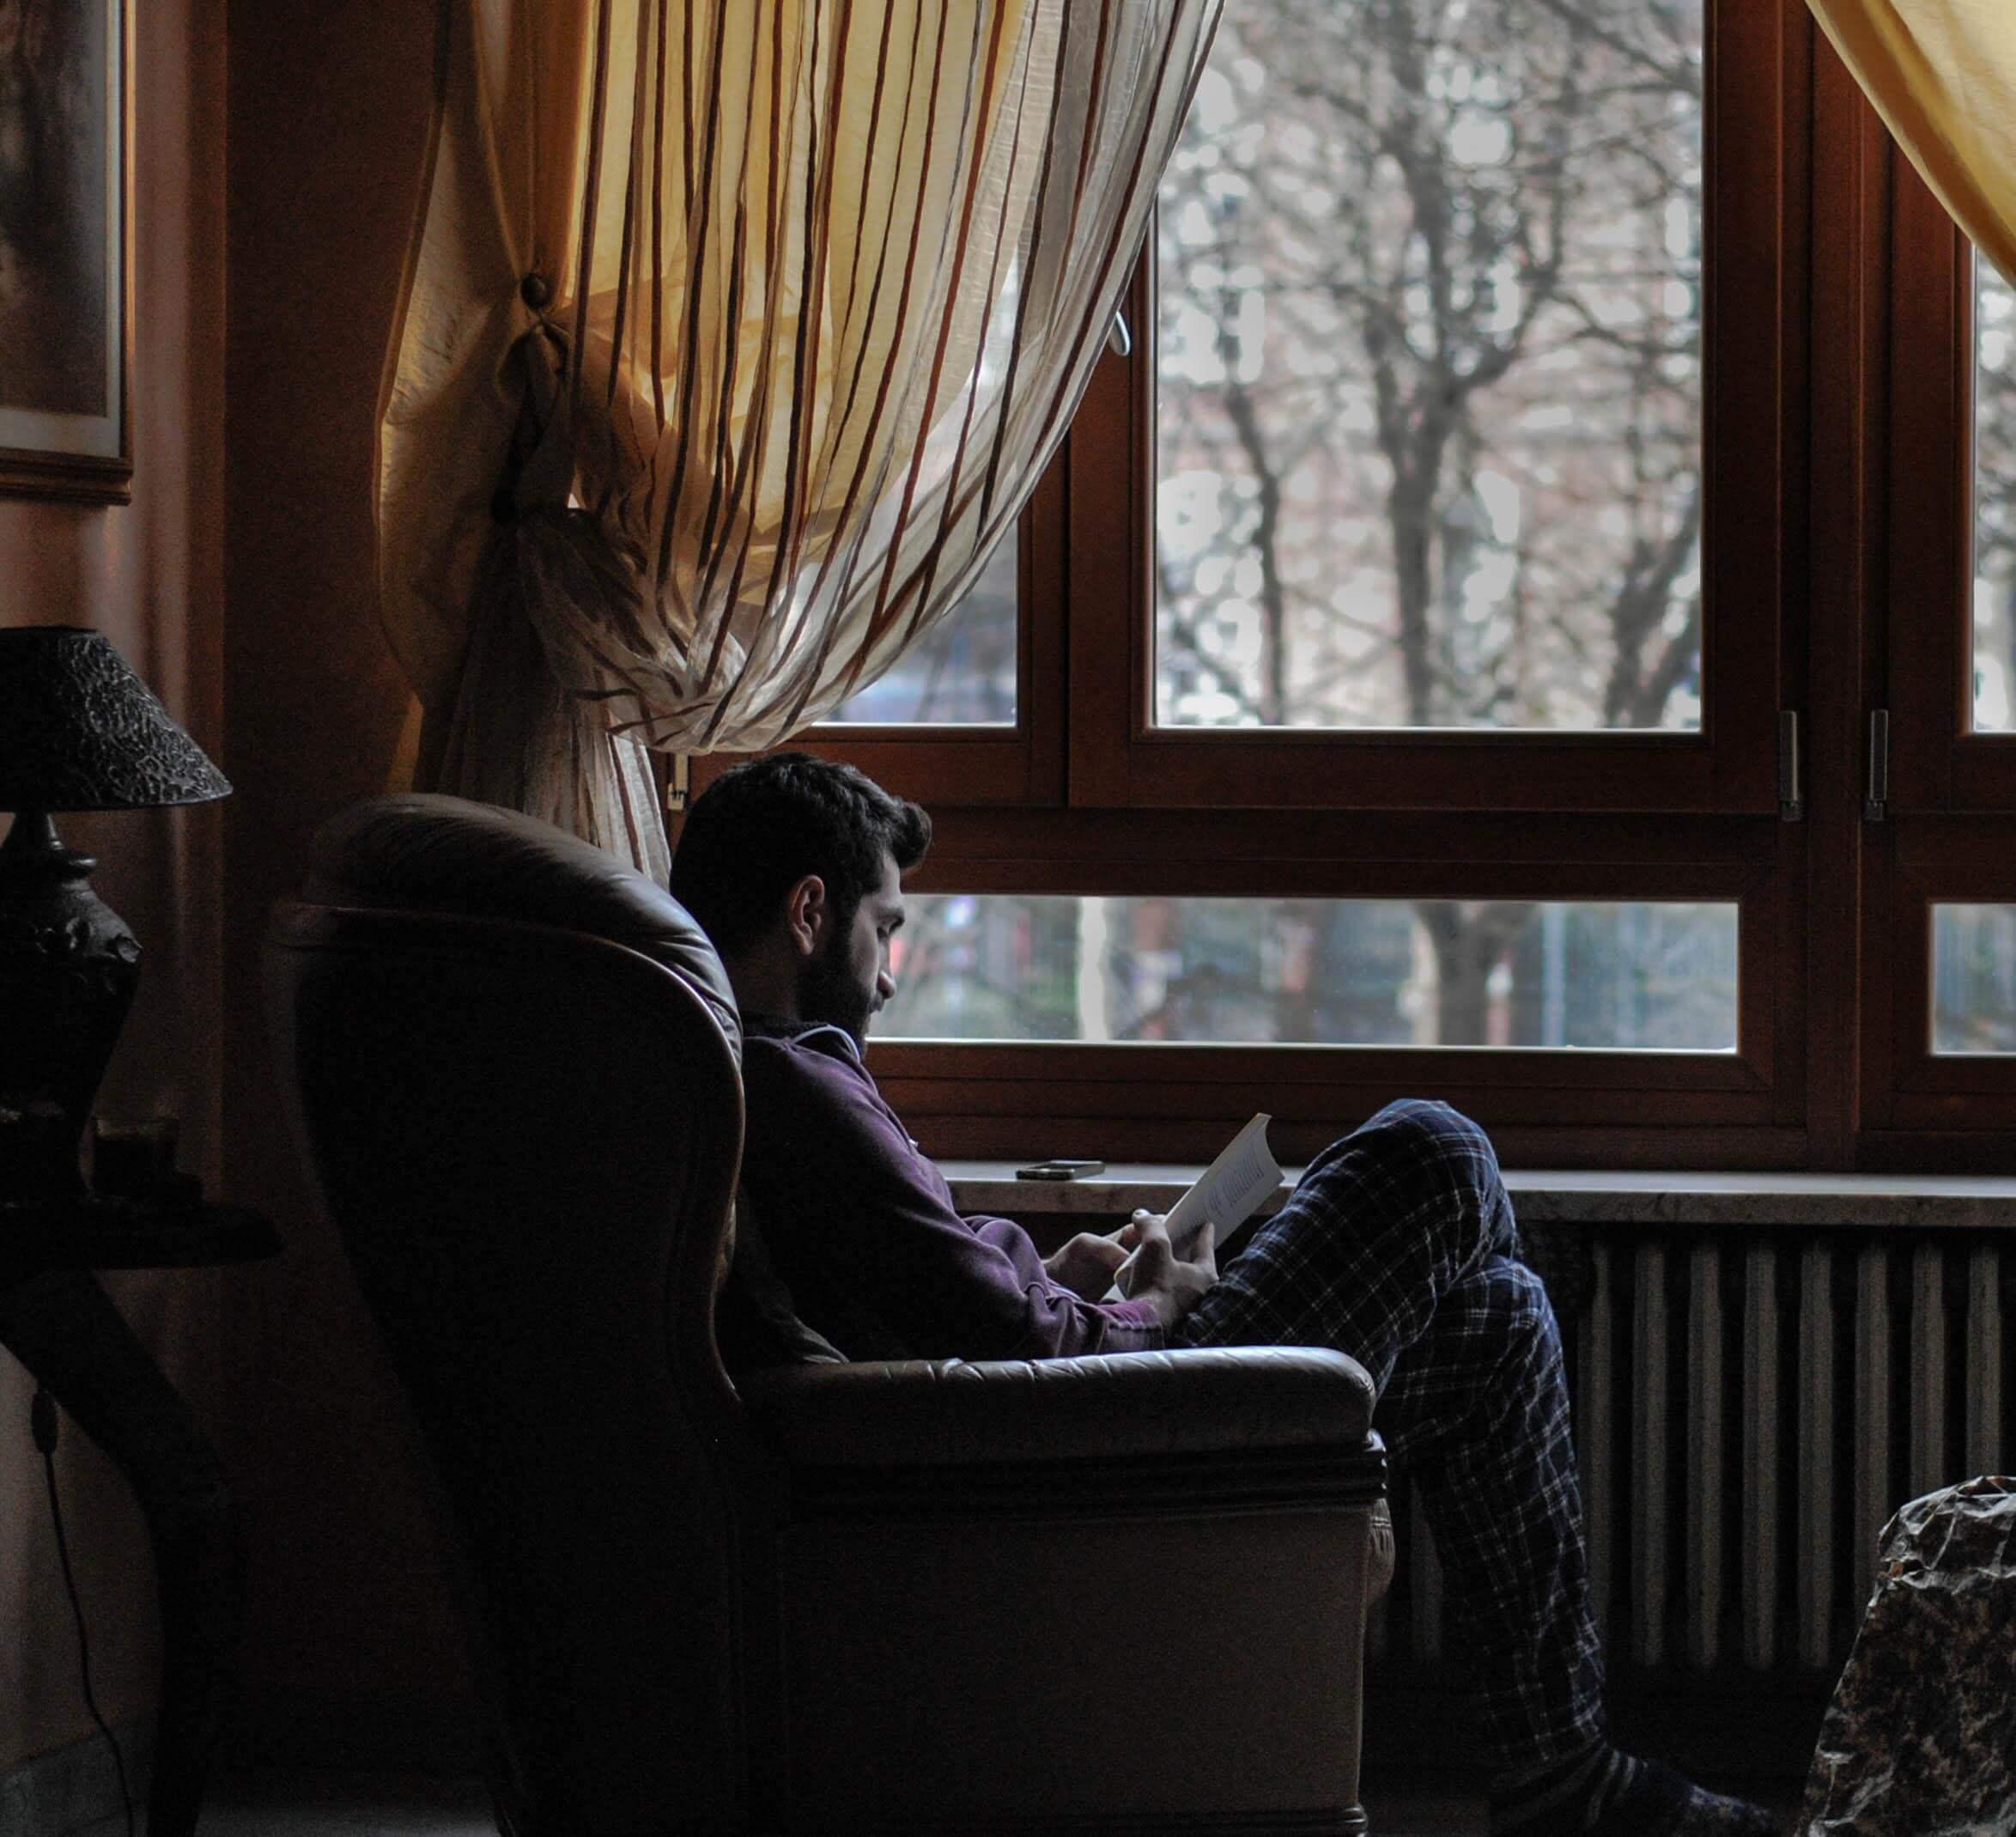 פינת ישיבה ליד החלון בסלון